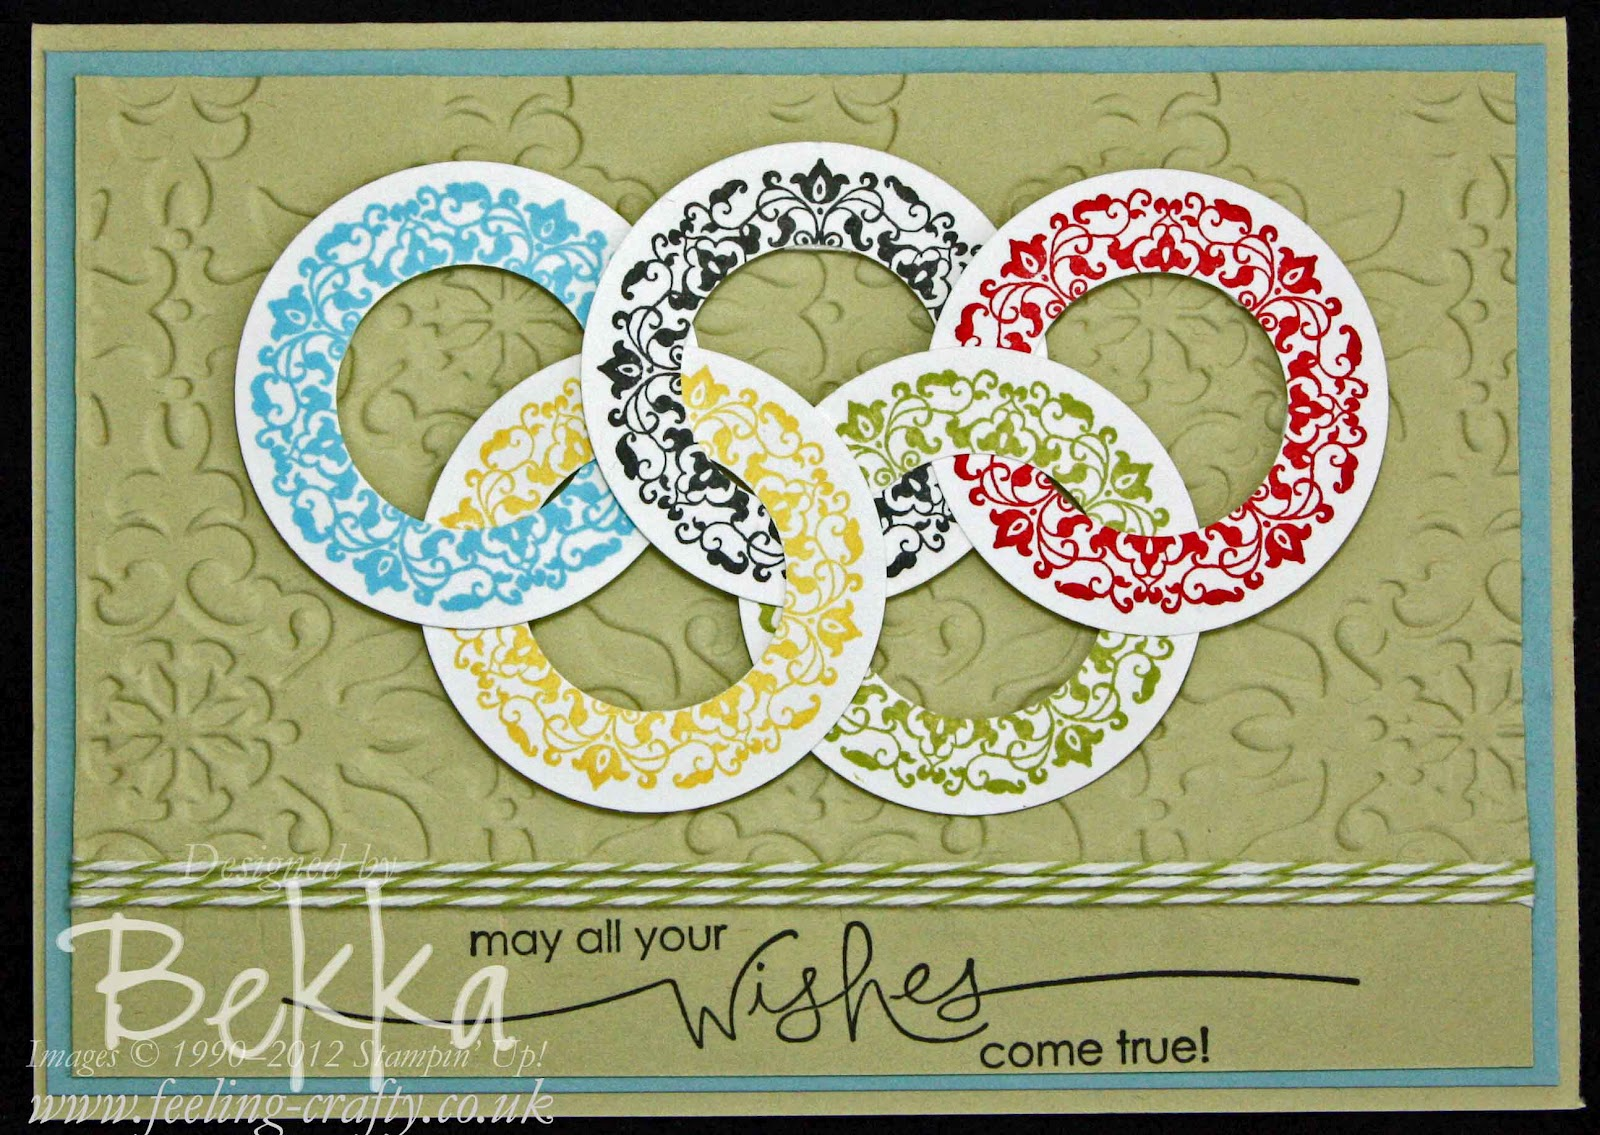 http://4.bp.blogspot.com/-mF8CrkzXMcI/T9BxRp07LzI/AAAAAAAAFxg/vWV5ODbzmyQ/s1600/Artistic-13.jpg